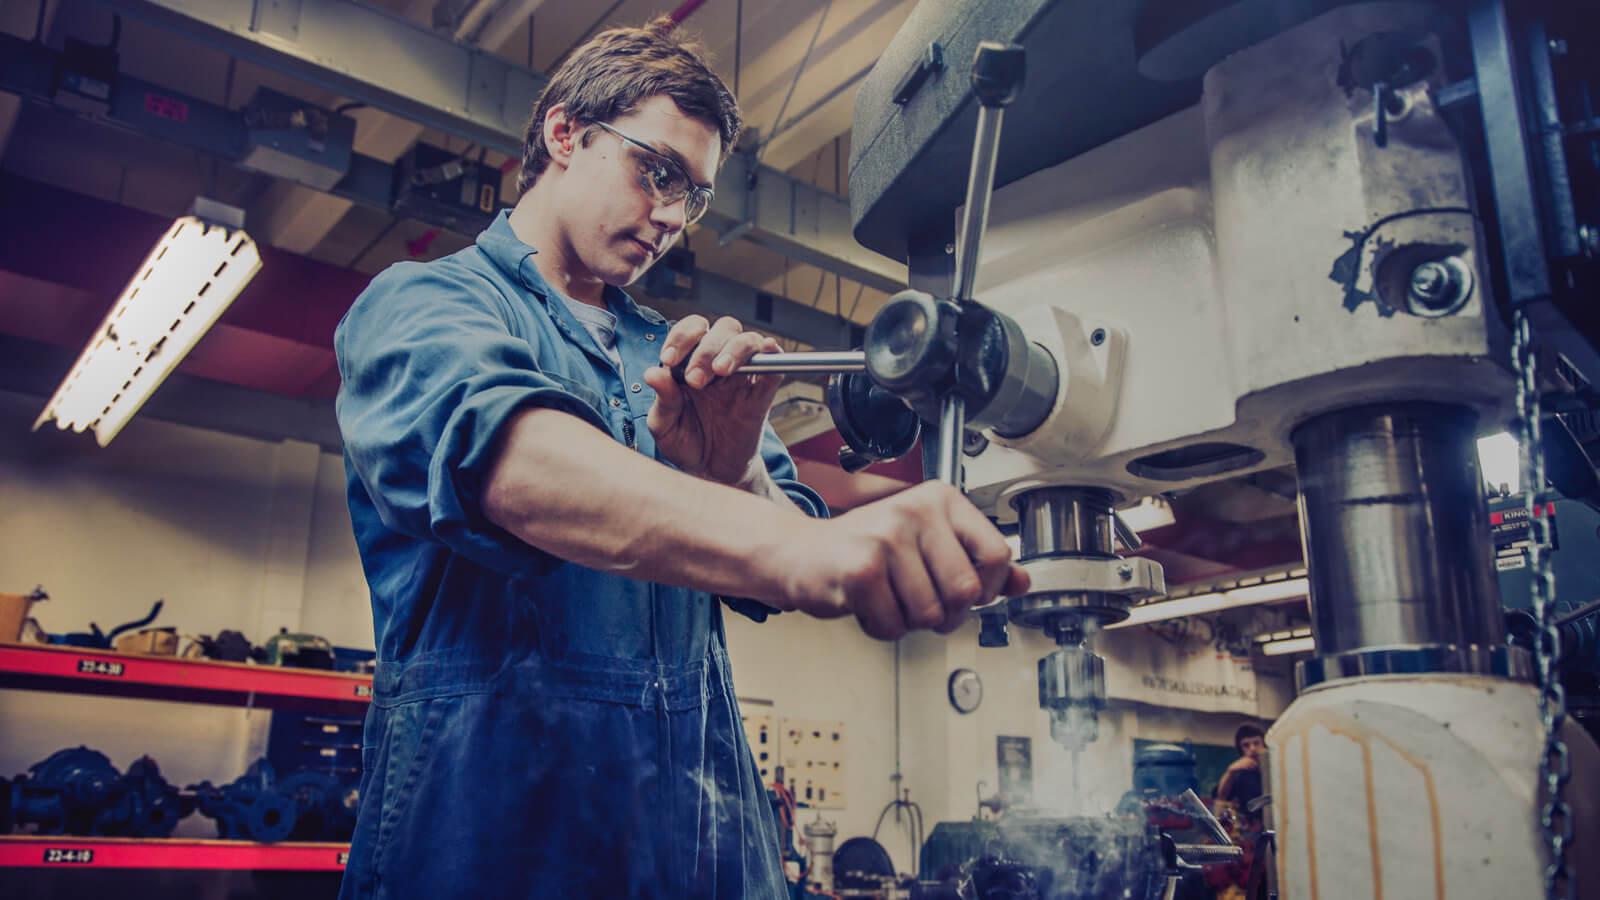 Técnicas de lubricación de maquinaria y equipo industrial